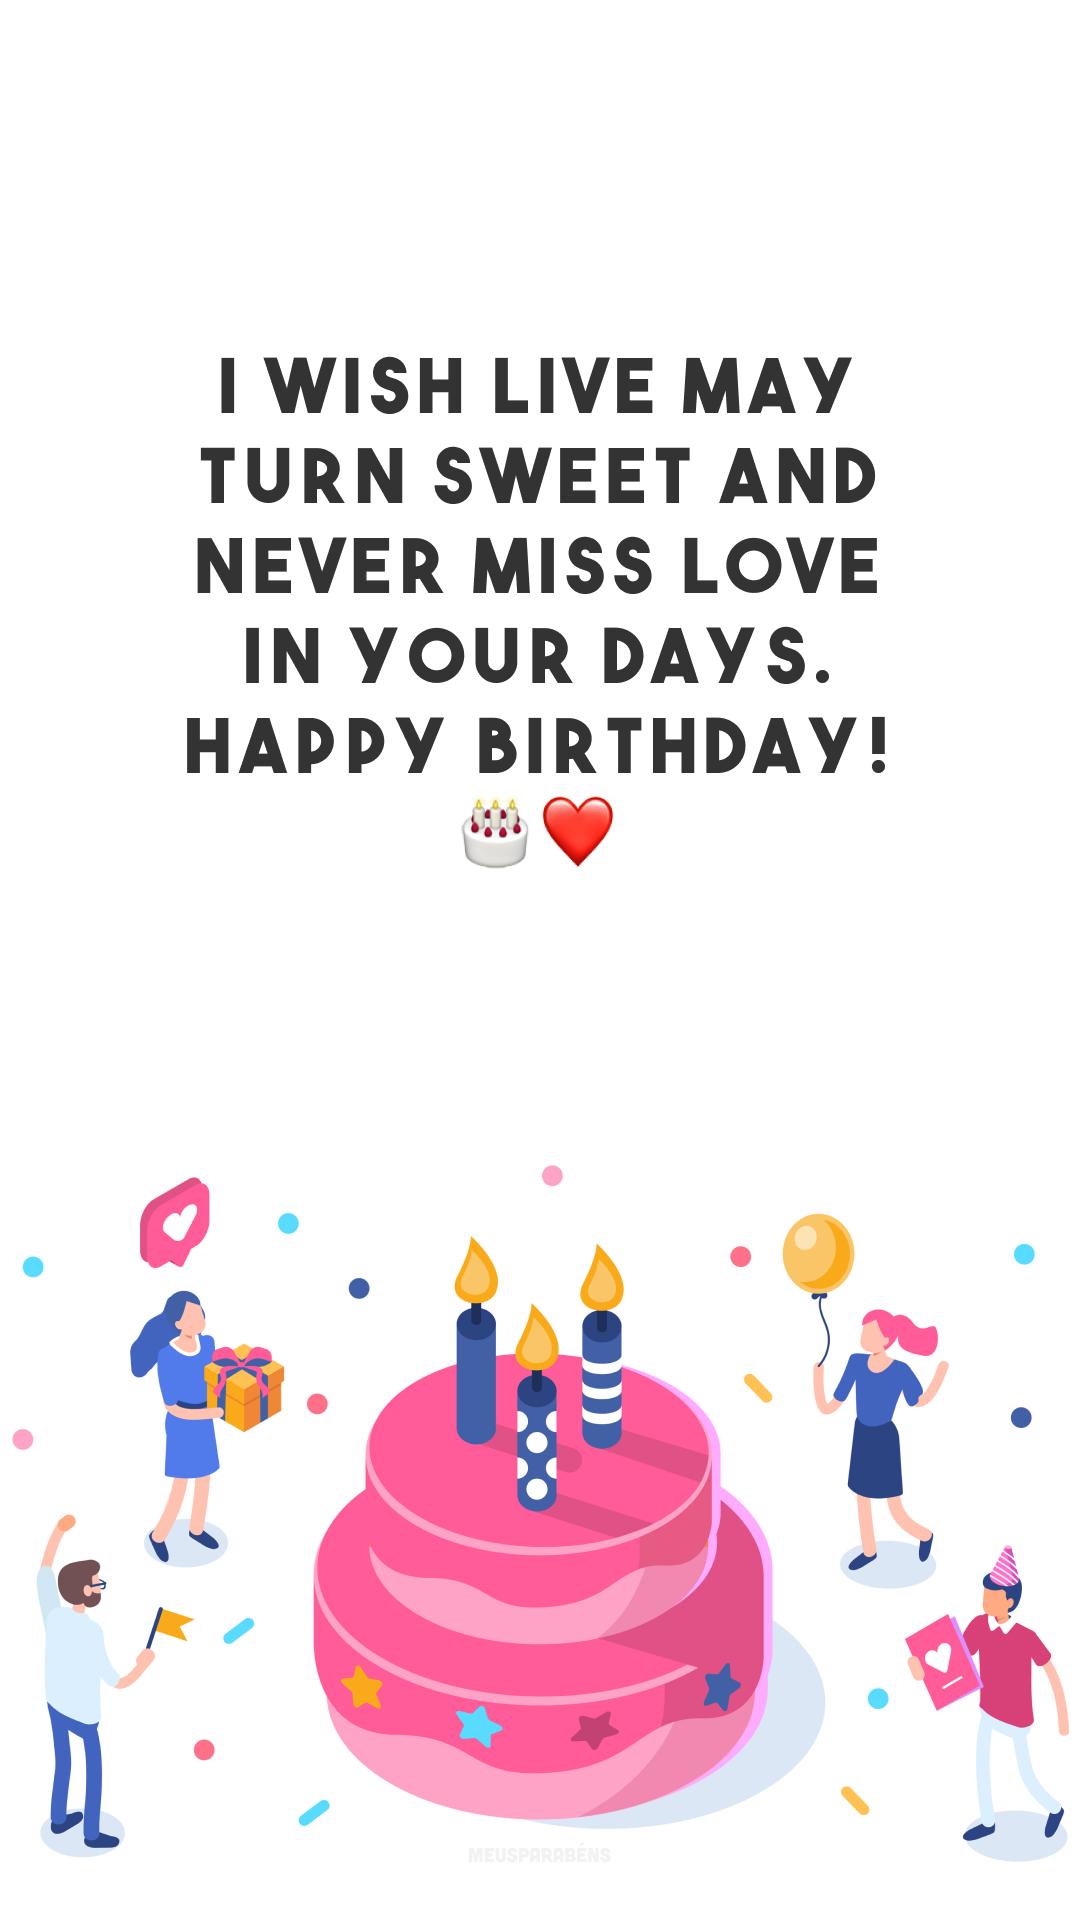 I wish live may turn sweet and never miss love in your days. Happy birthday! 🎂❤️ (Desejo que a vida seja doce e nunca falte o amor nos seus dias. Feliz aniversário!